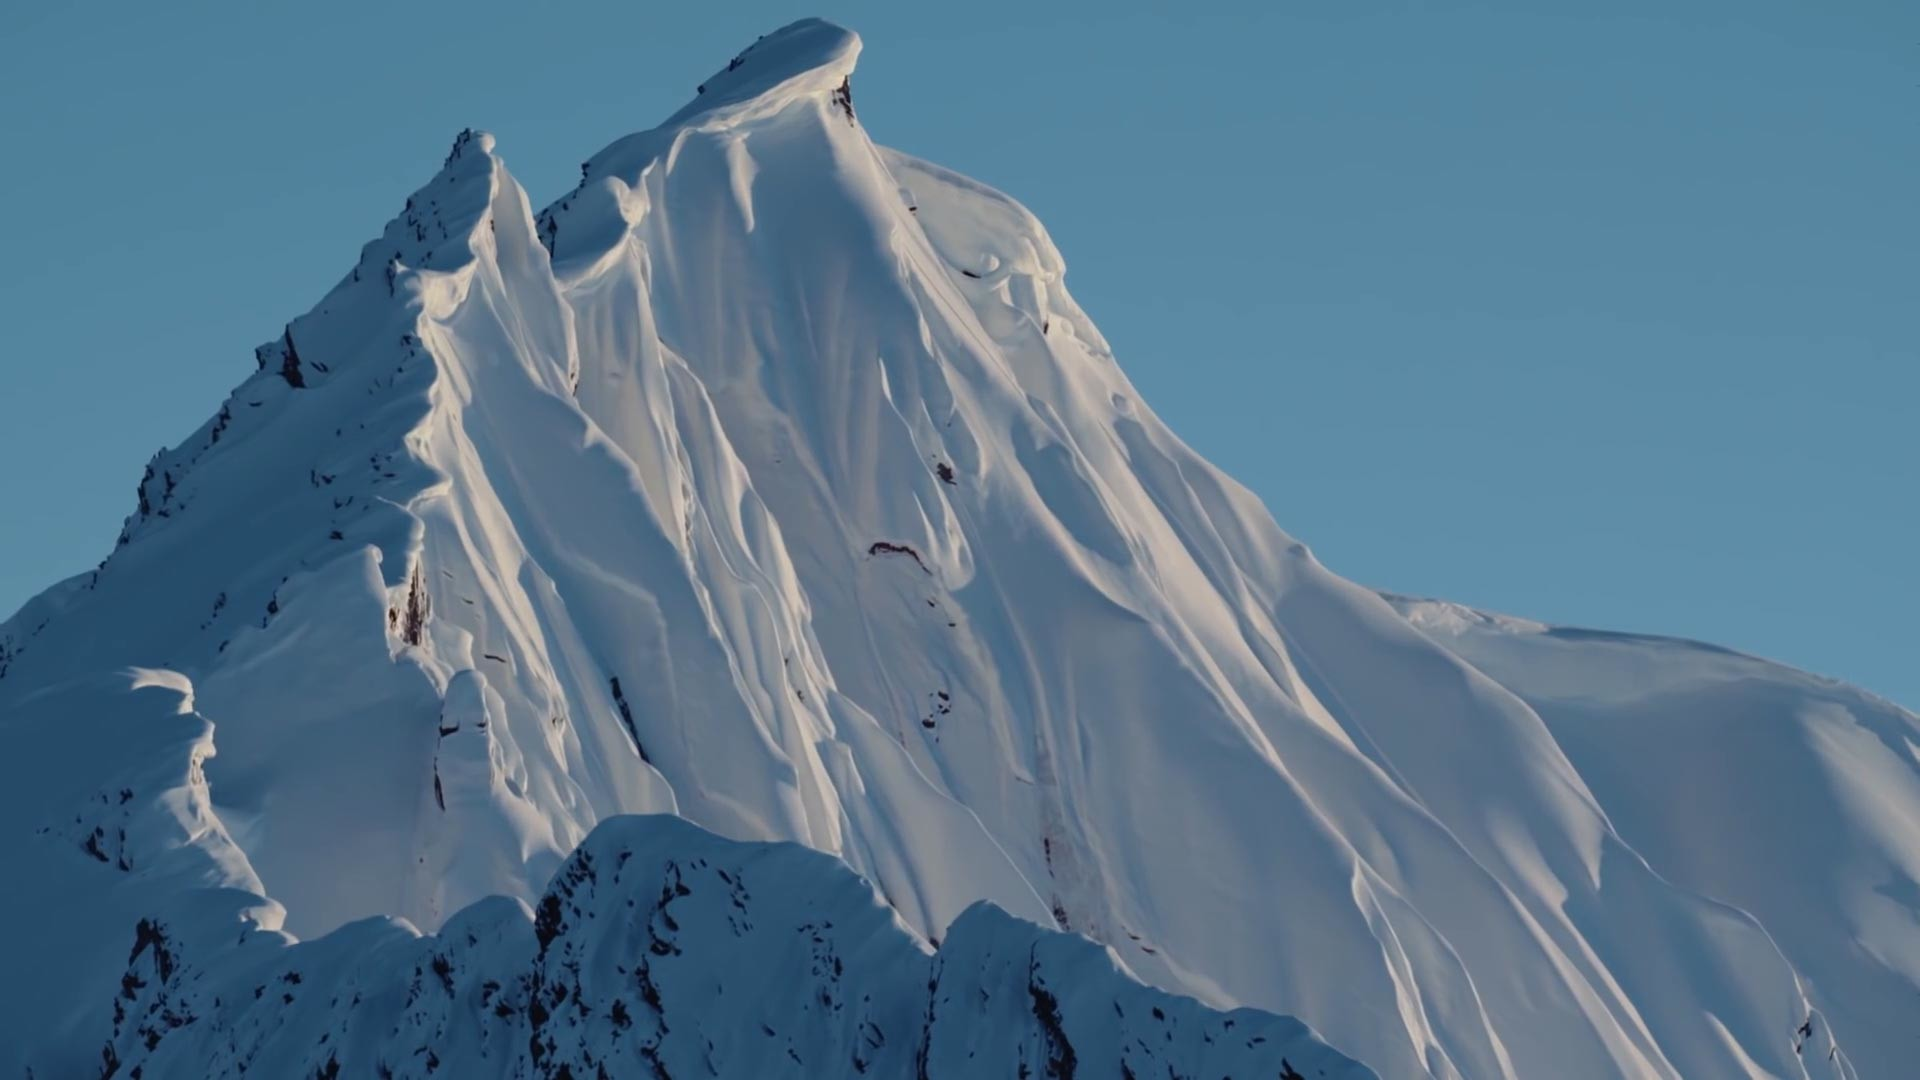 Res: 1920x1080, Alaska kann nicht nur atemberaubend aussehen, sondern auch sehr gefährlich  sein.